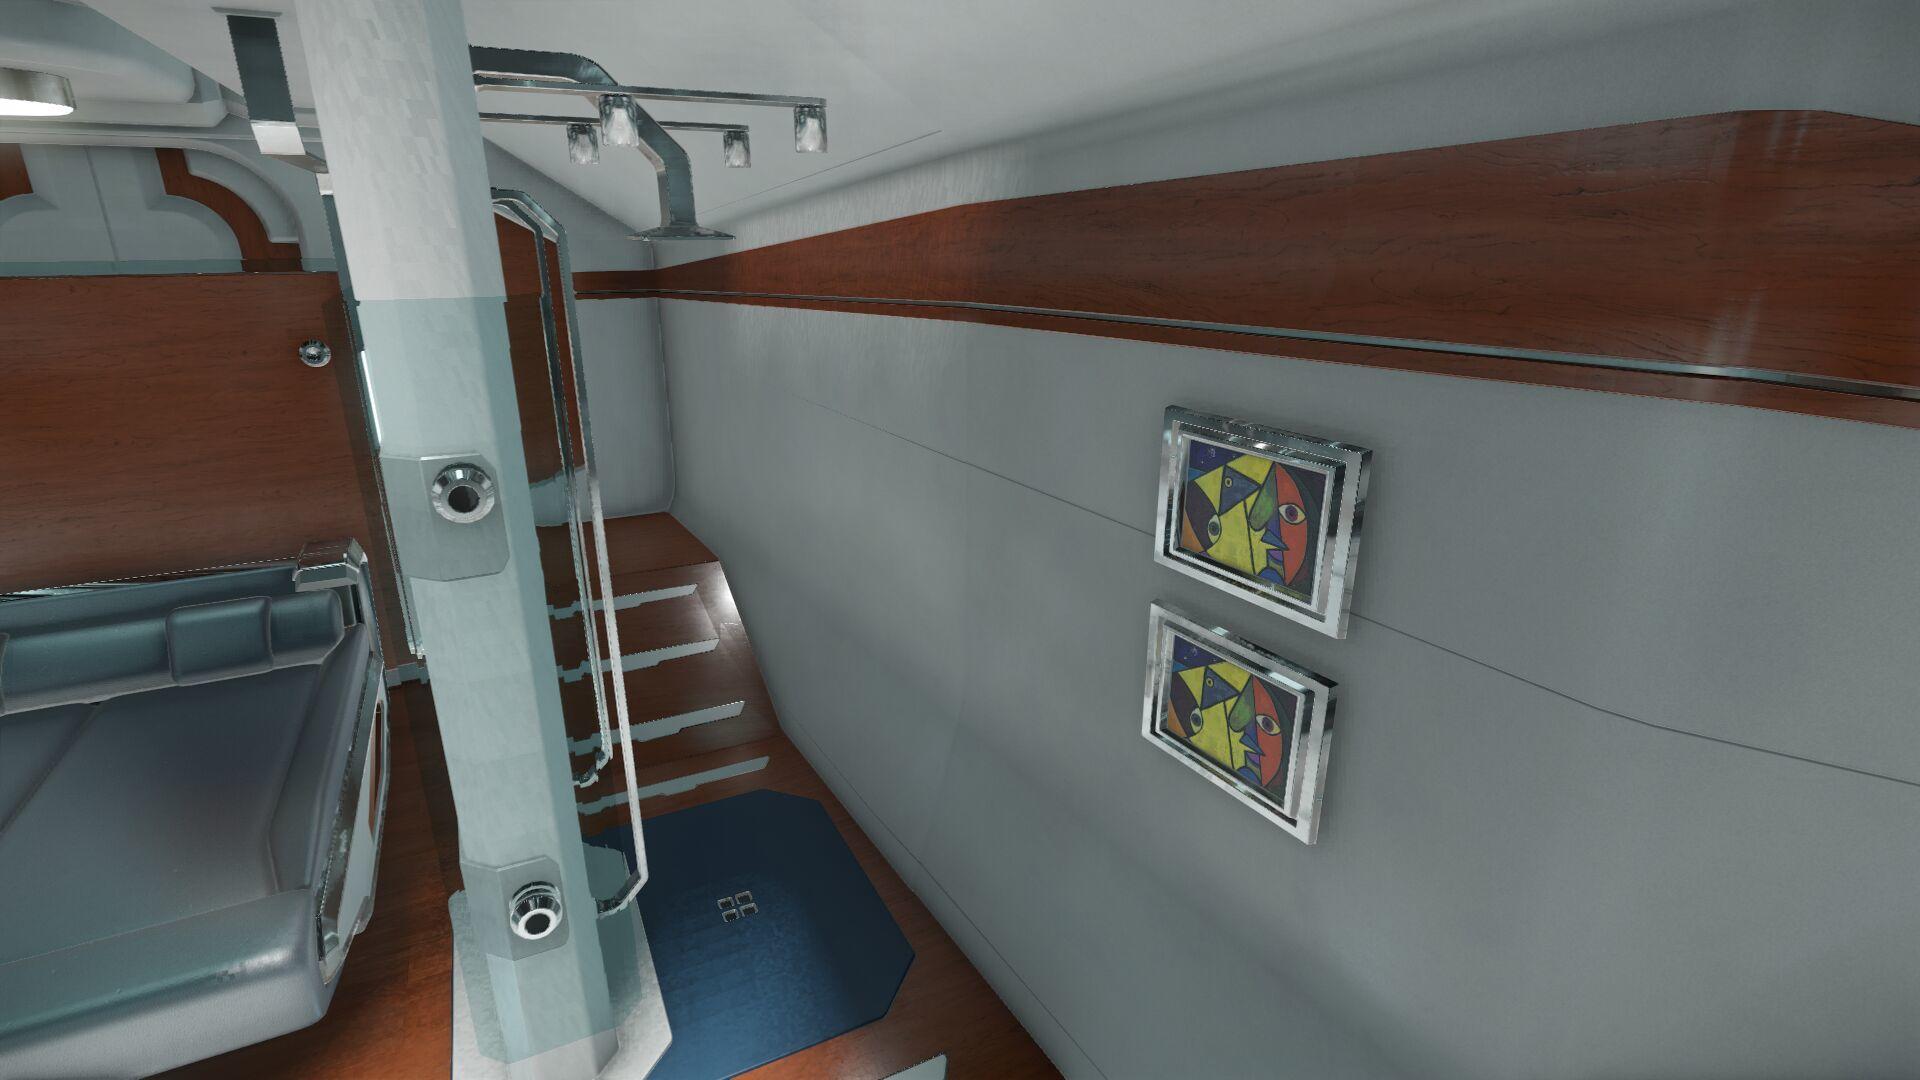 Wygląd wnętrza - główny pokład - sekcja dla gości - prysznic